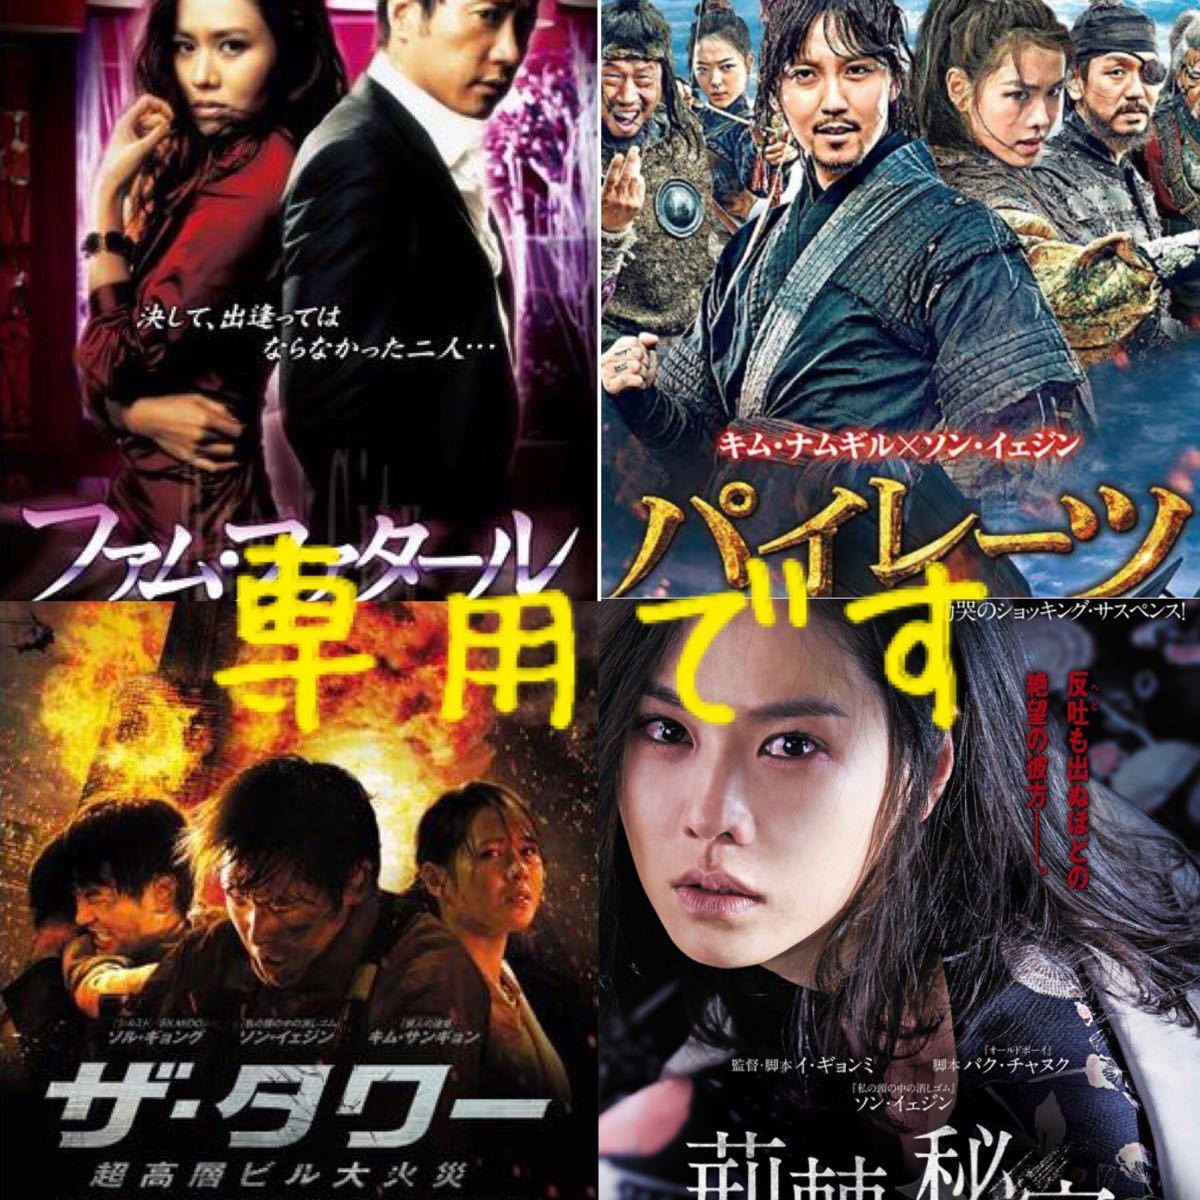 専用です。リピ割有り。韓国映画 ソン・イェジン 出演映画 DVD 3点セット+選べるおまけ1枚 合計4枚 レーベル有り 入替可能